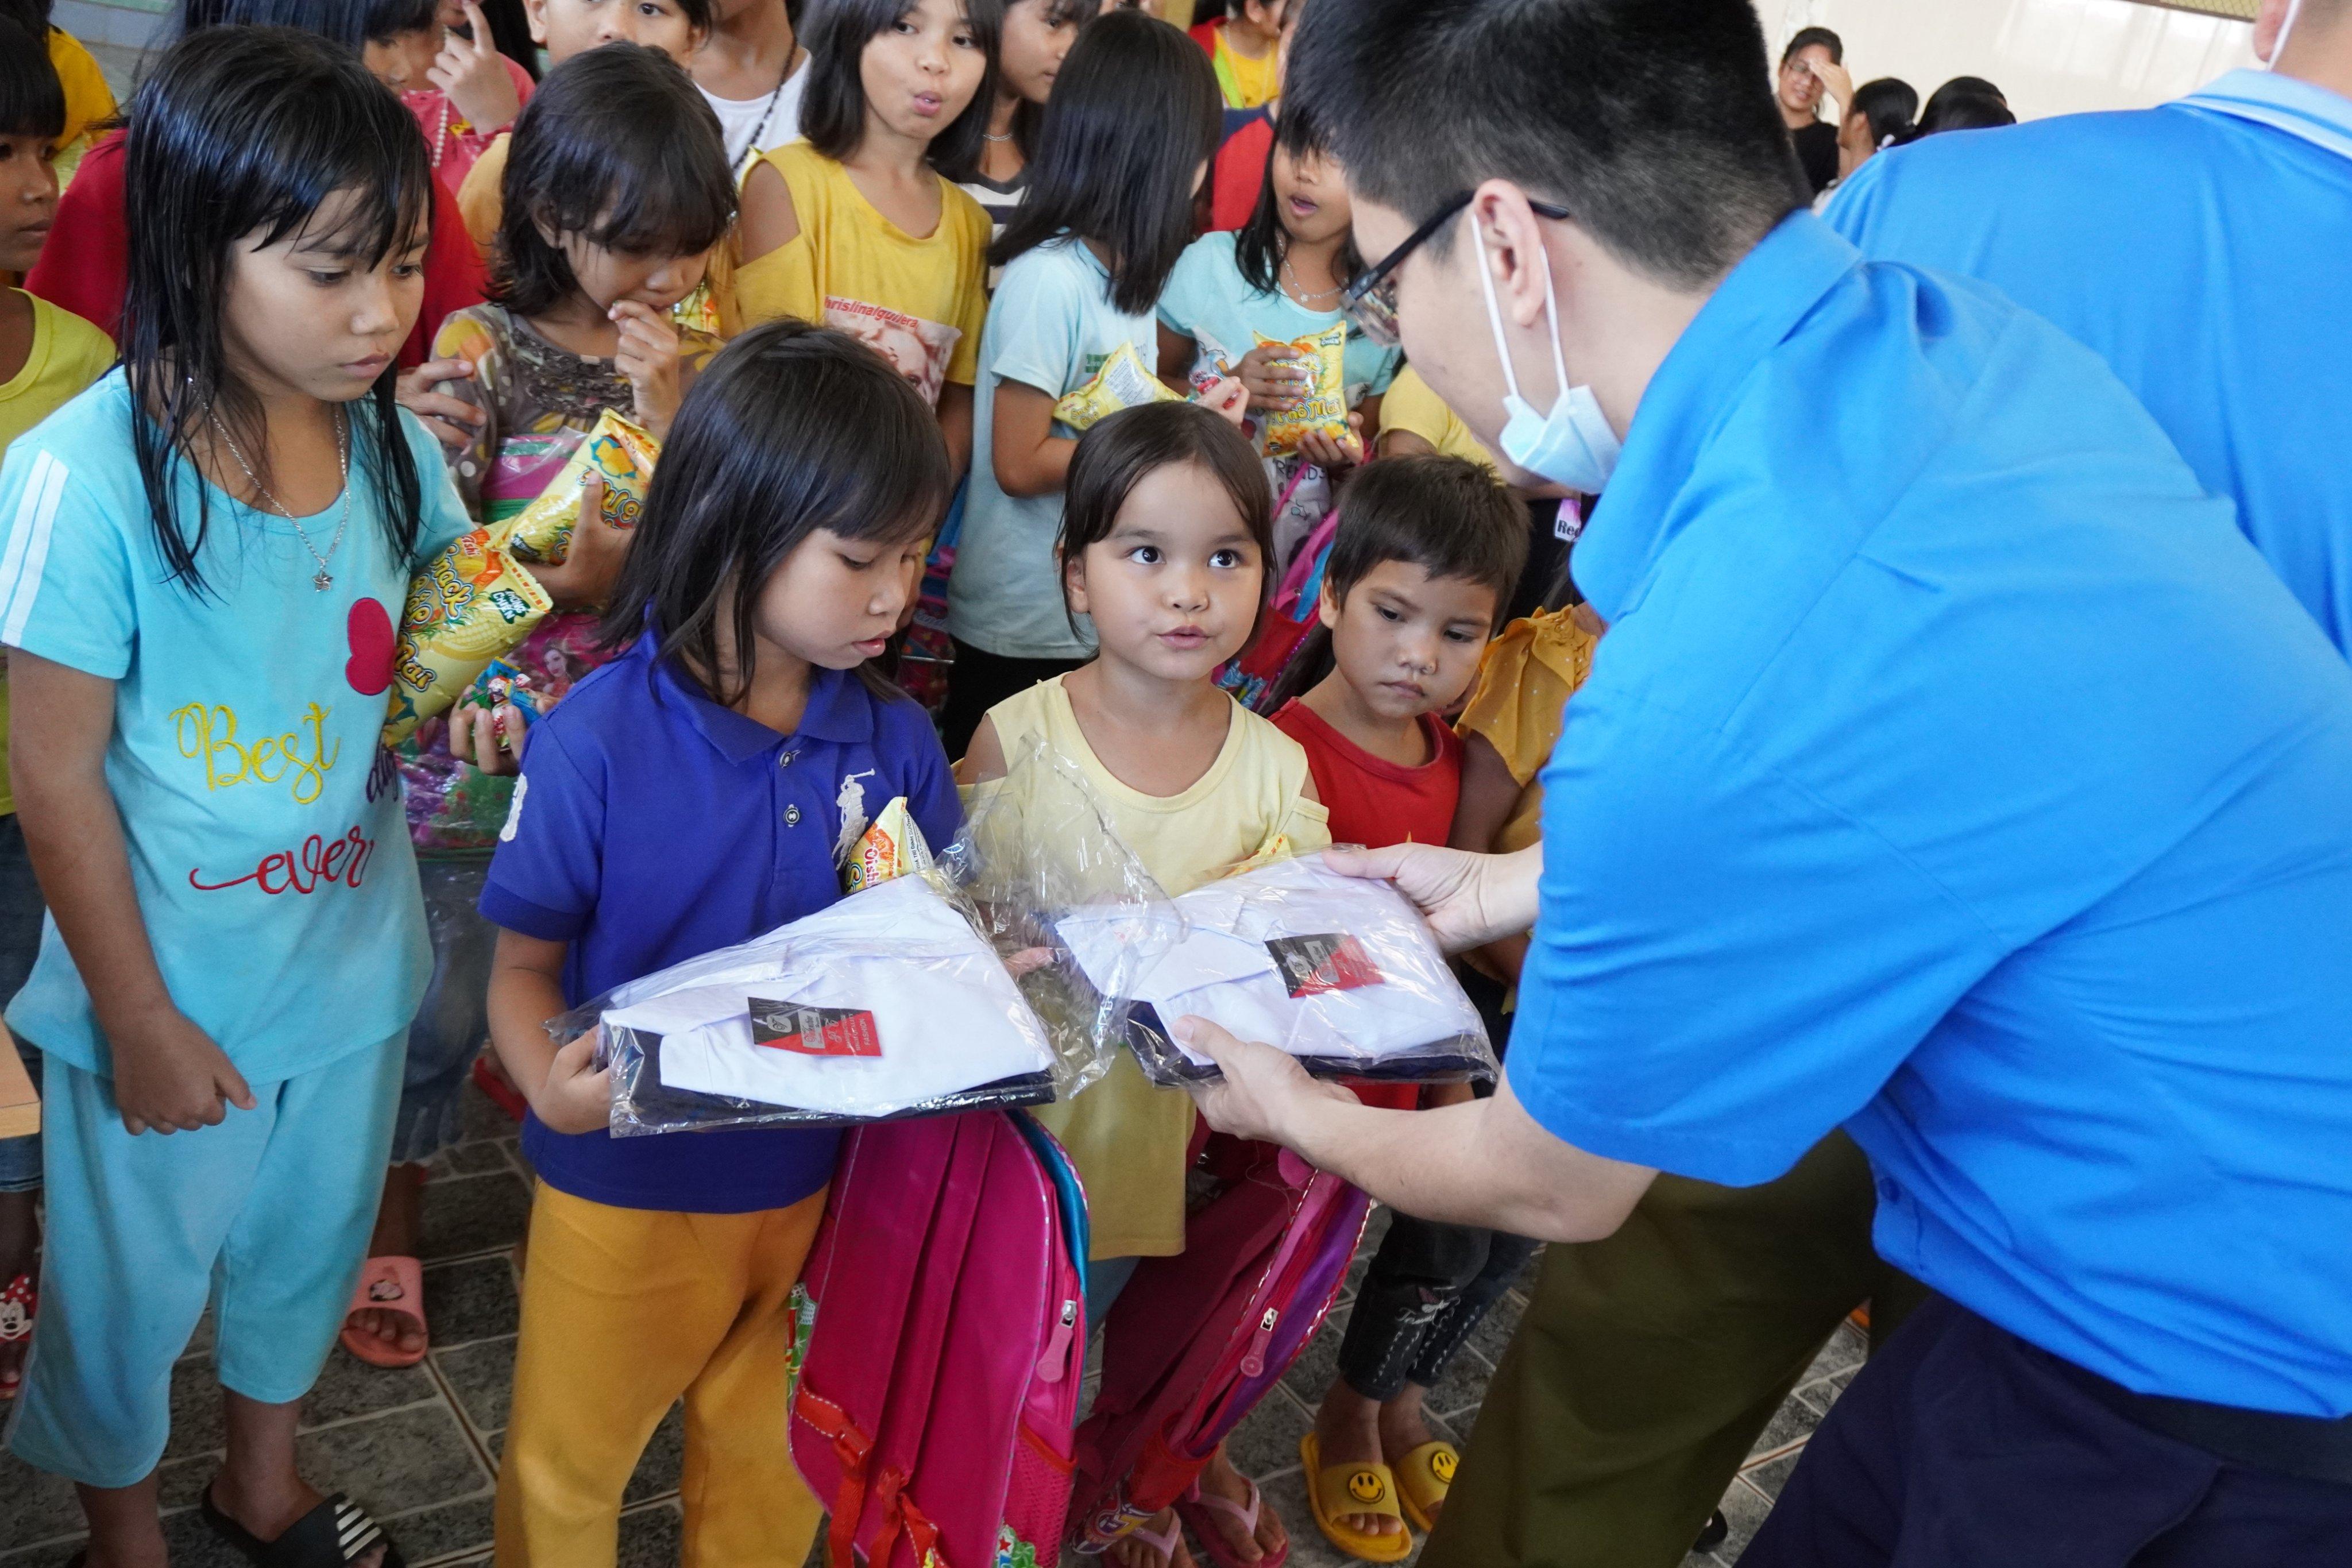 """Chi đoàn Cục Quản lý thị trường và Chi đoàn Cục Hải quan Gia Lai – Kon Tum với Chương trình """"Tiếp sức đến trường năm 2020"""""""